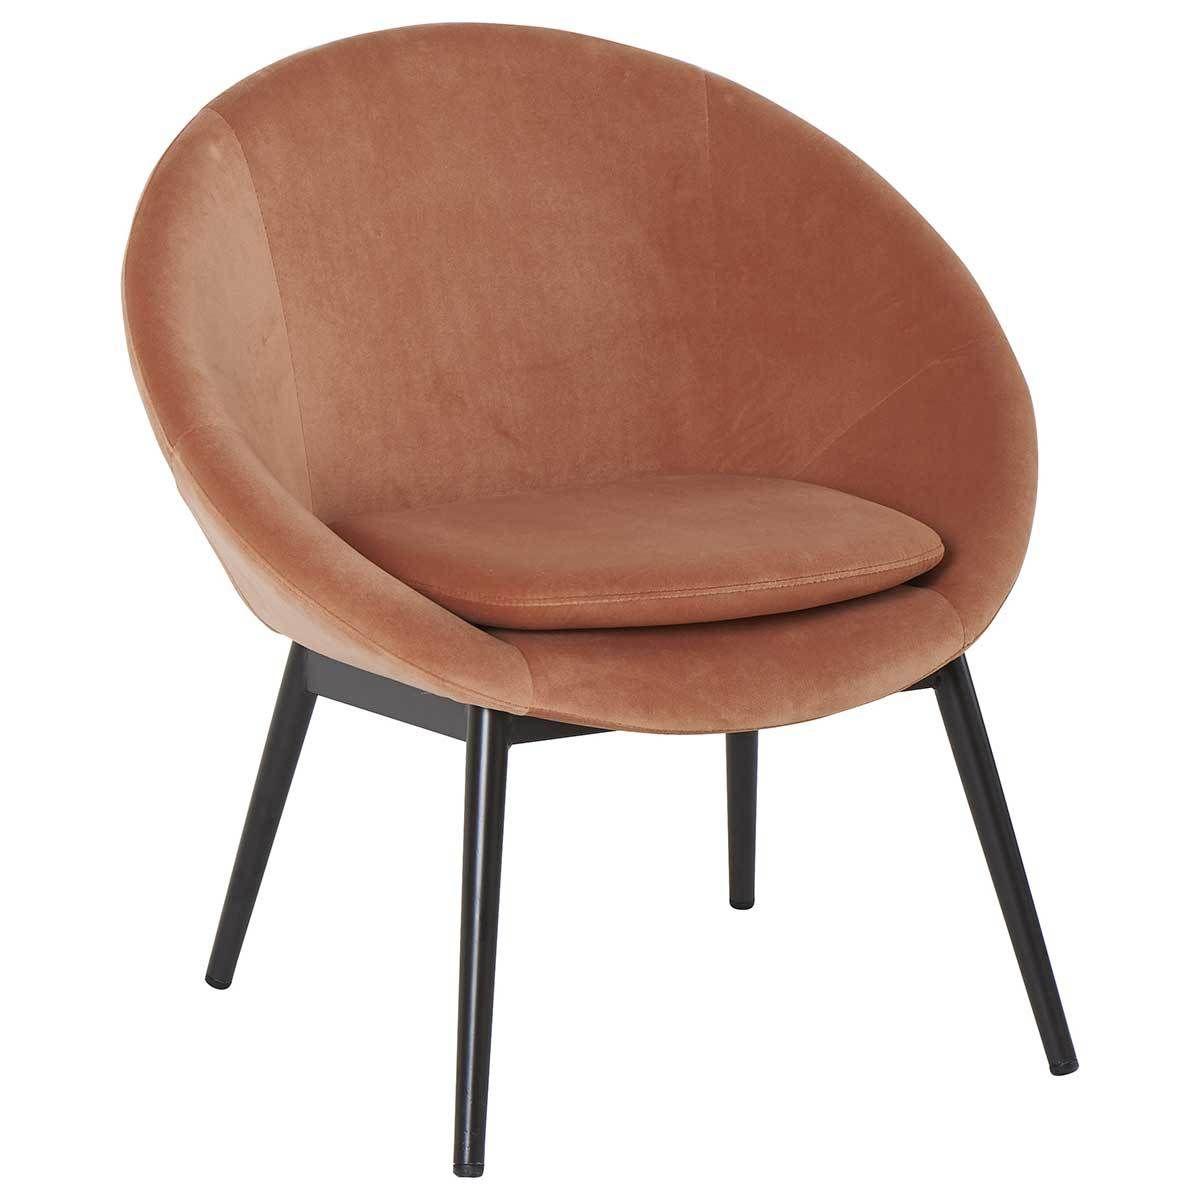 achat athezza fauteuil ruvana rose poudr terracotta 517241 pas cher sur maginea la - Fauteuil Rose Pas Cher